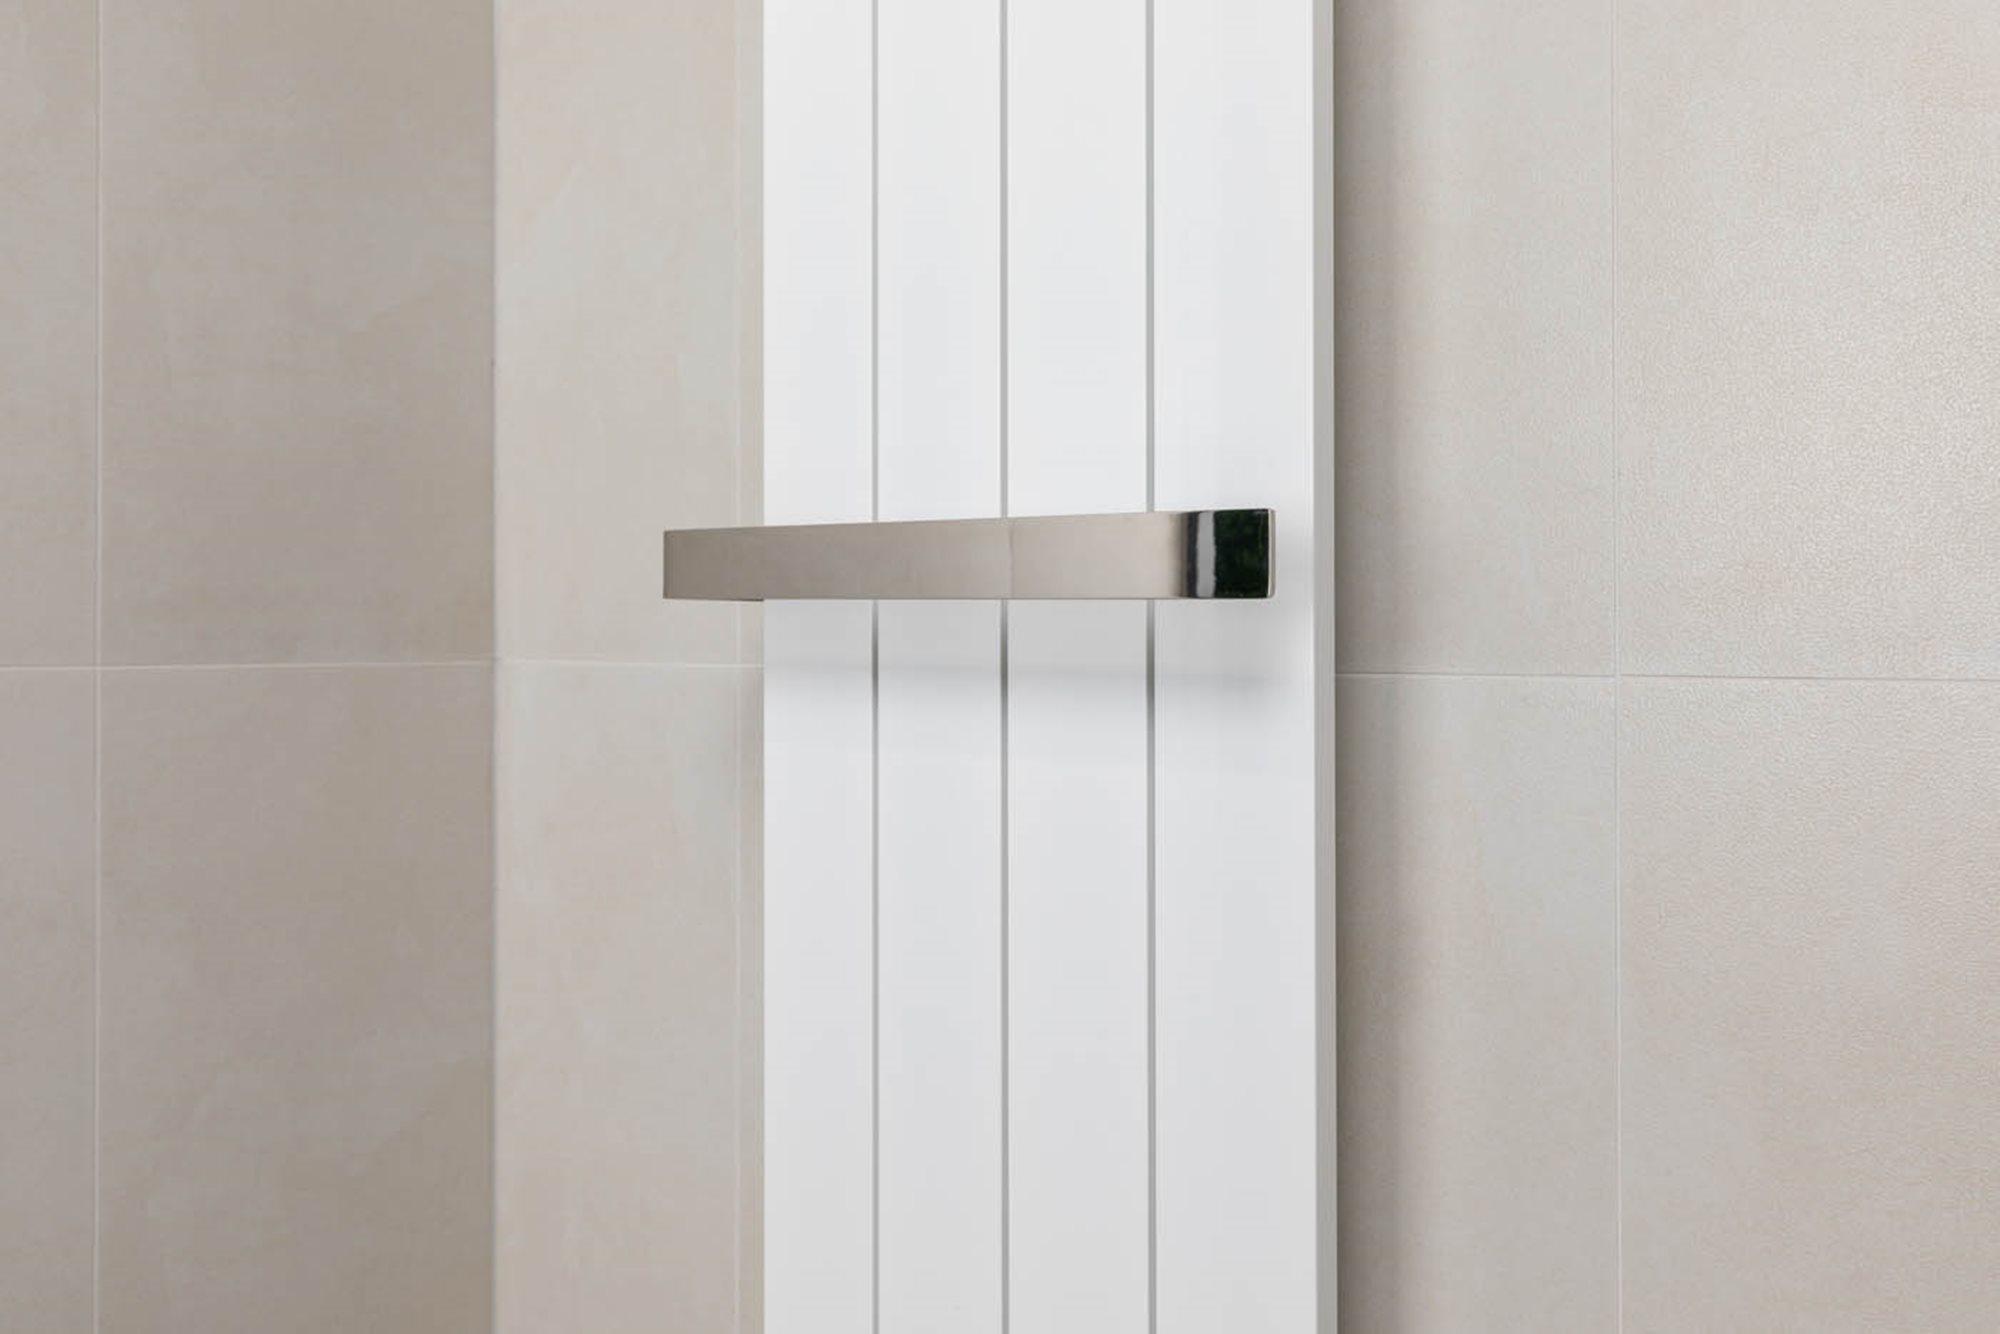 stappenplan-designradiator-aansluiten-witte-radiator-handdoekbeugel-beige-tegels.jpg